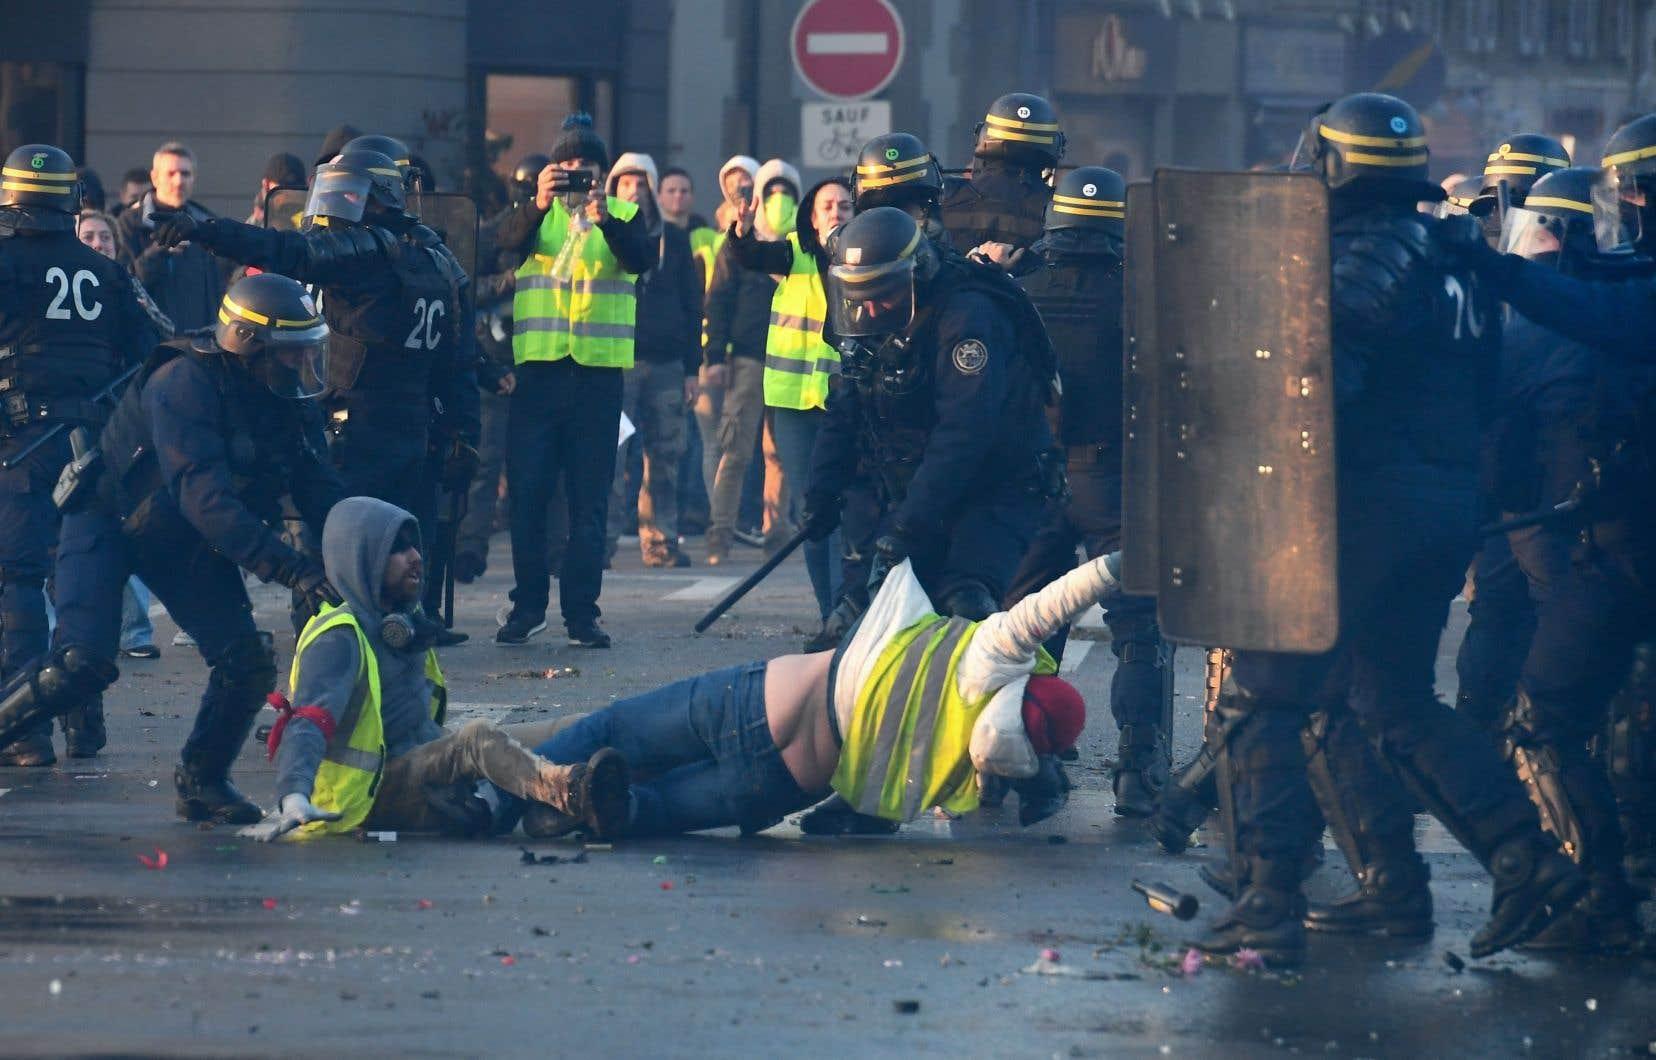 Les «gilets jaunes» ont régulièrement dénoncé depuis un an les violences policières lors des manifestations, qui ont fait 2448 blessés côté manifestants et 1797 côté forces de l'ordre.